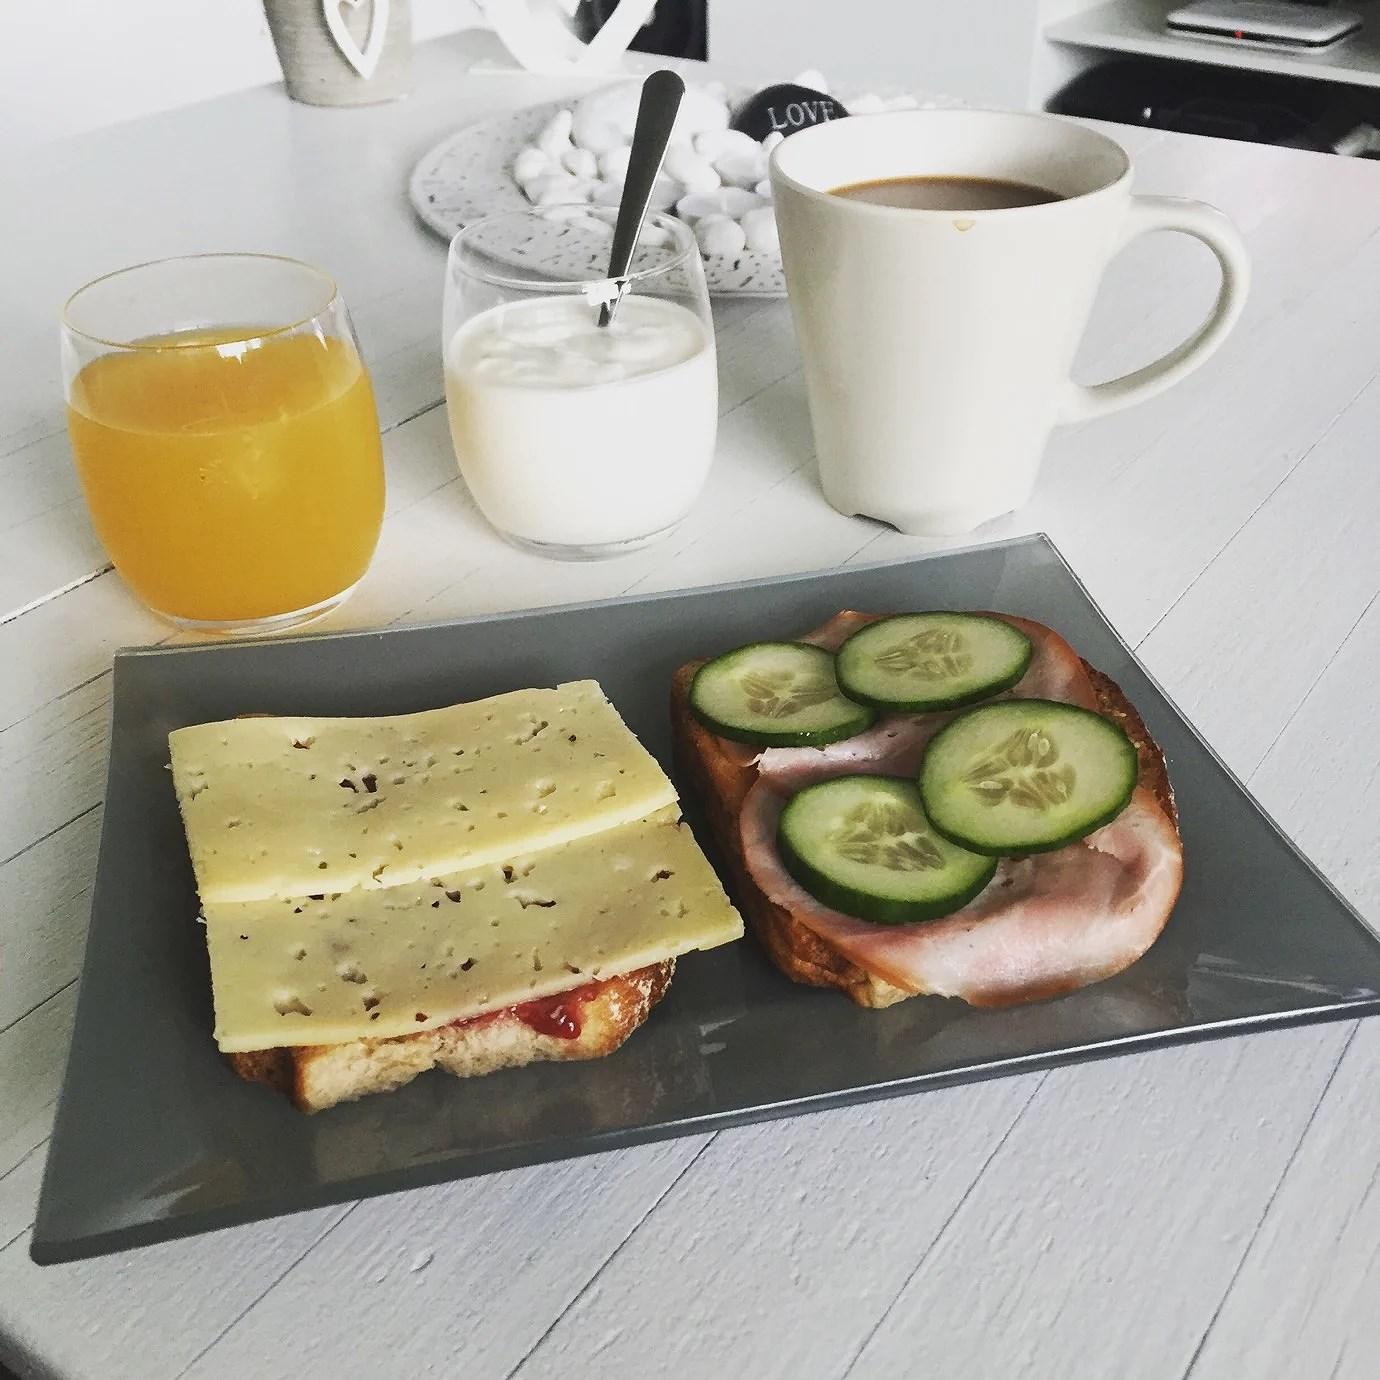 Mysig frukost en sen morgon.